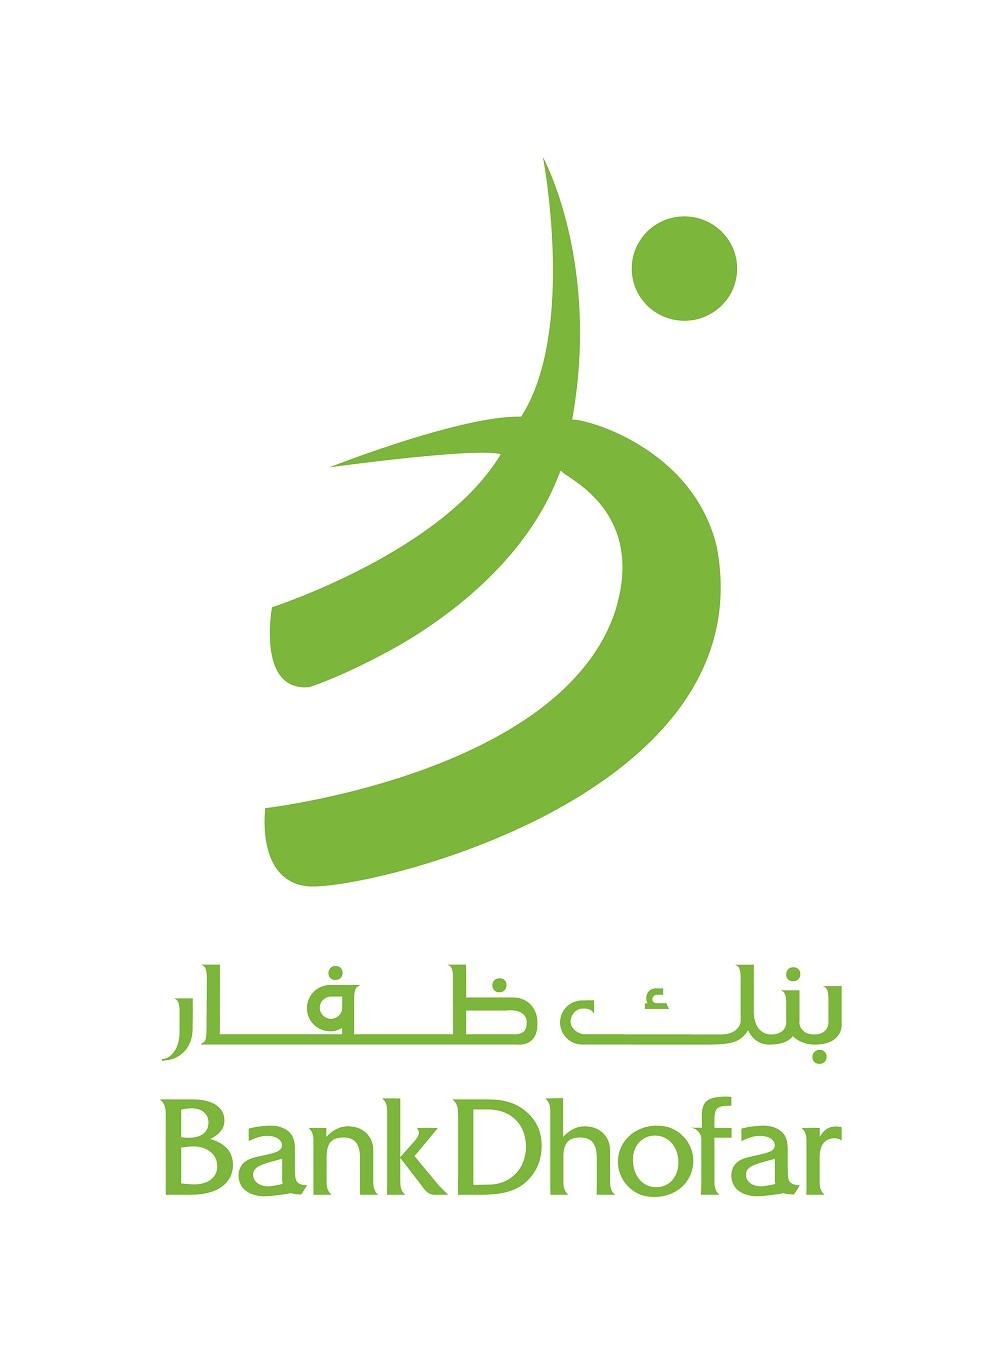 مجلس إدارة بنك ظفار يقرر عدم الاستمرار في مفاوضات الدمج مع بنك صحار